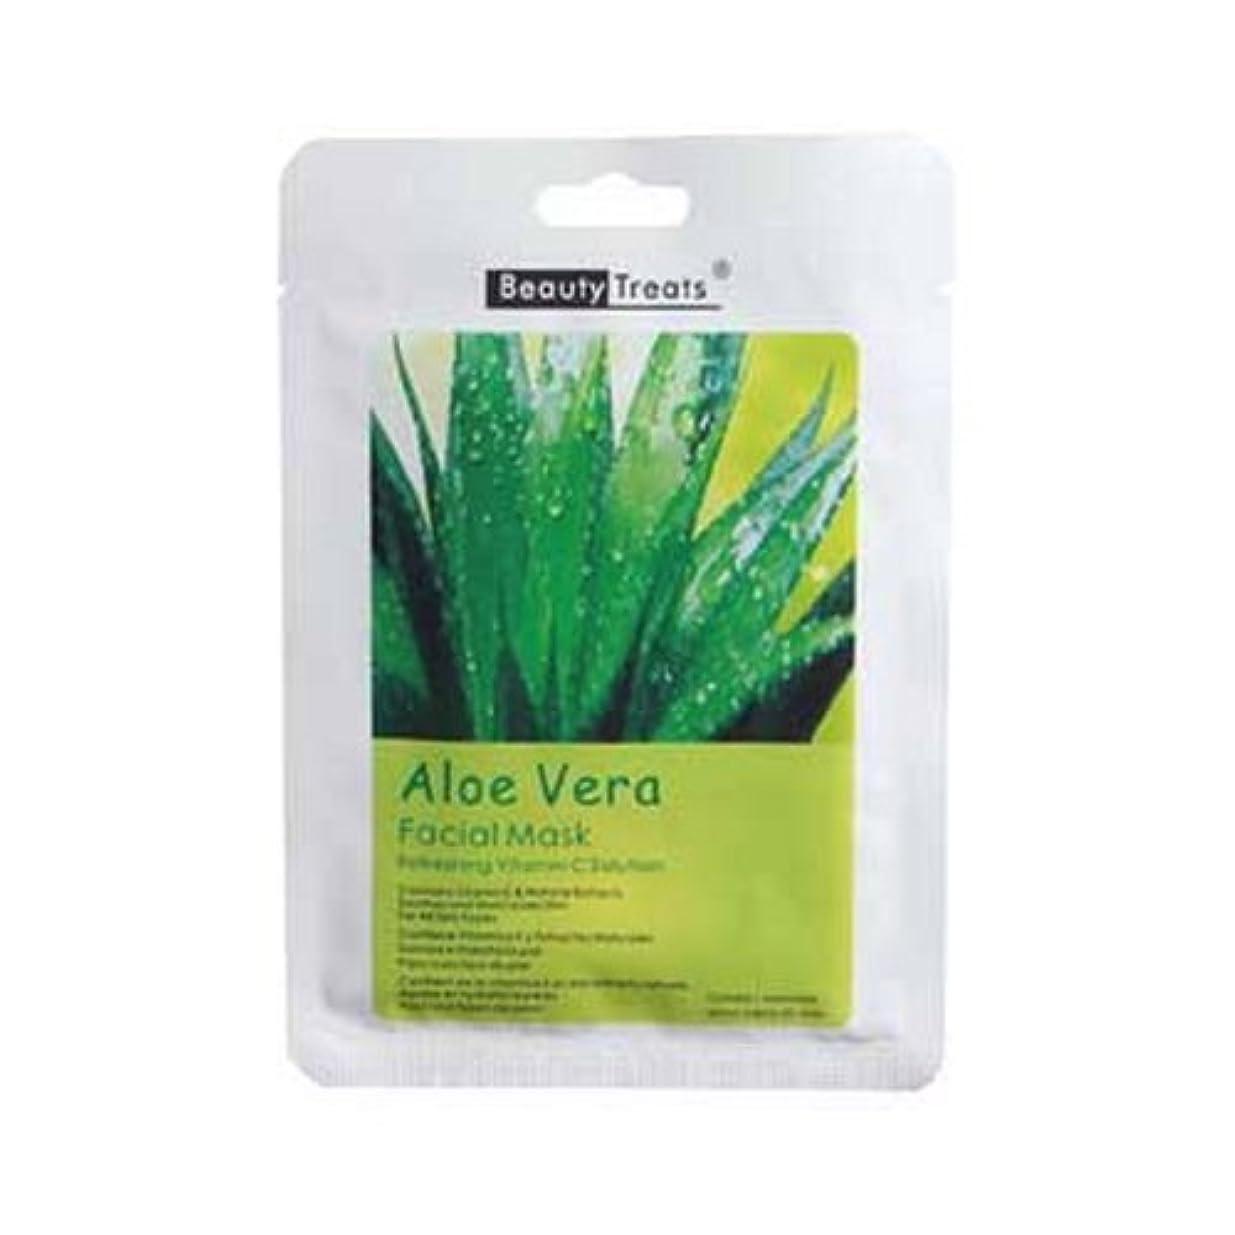 疑わしい参照責任(3 Pack) BEAUTY TREATS Facial Mask Refreshing Vitamin C Solution - Aloe Vera (並行輸入品)